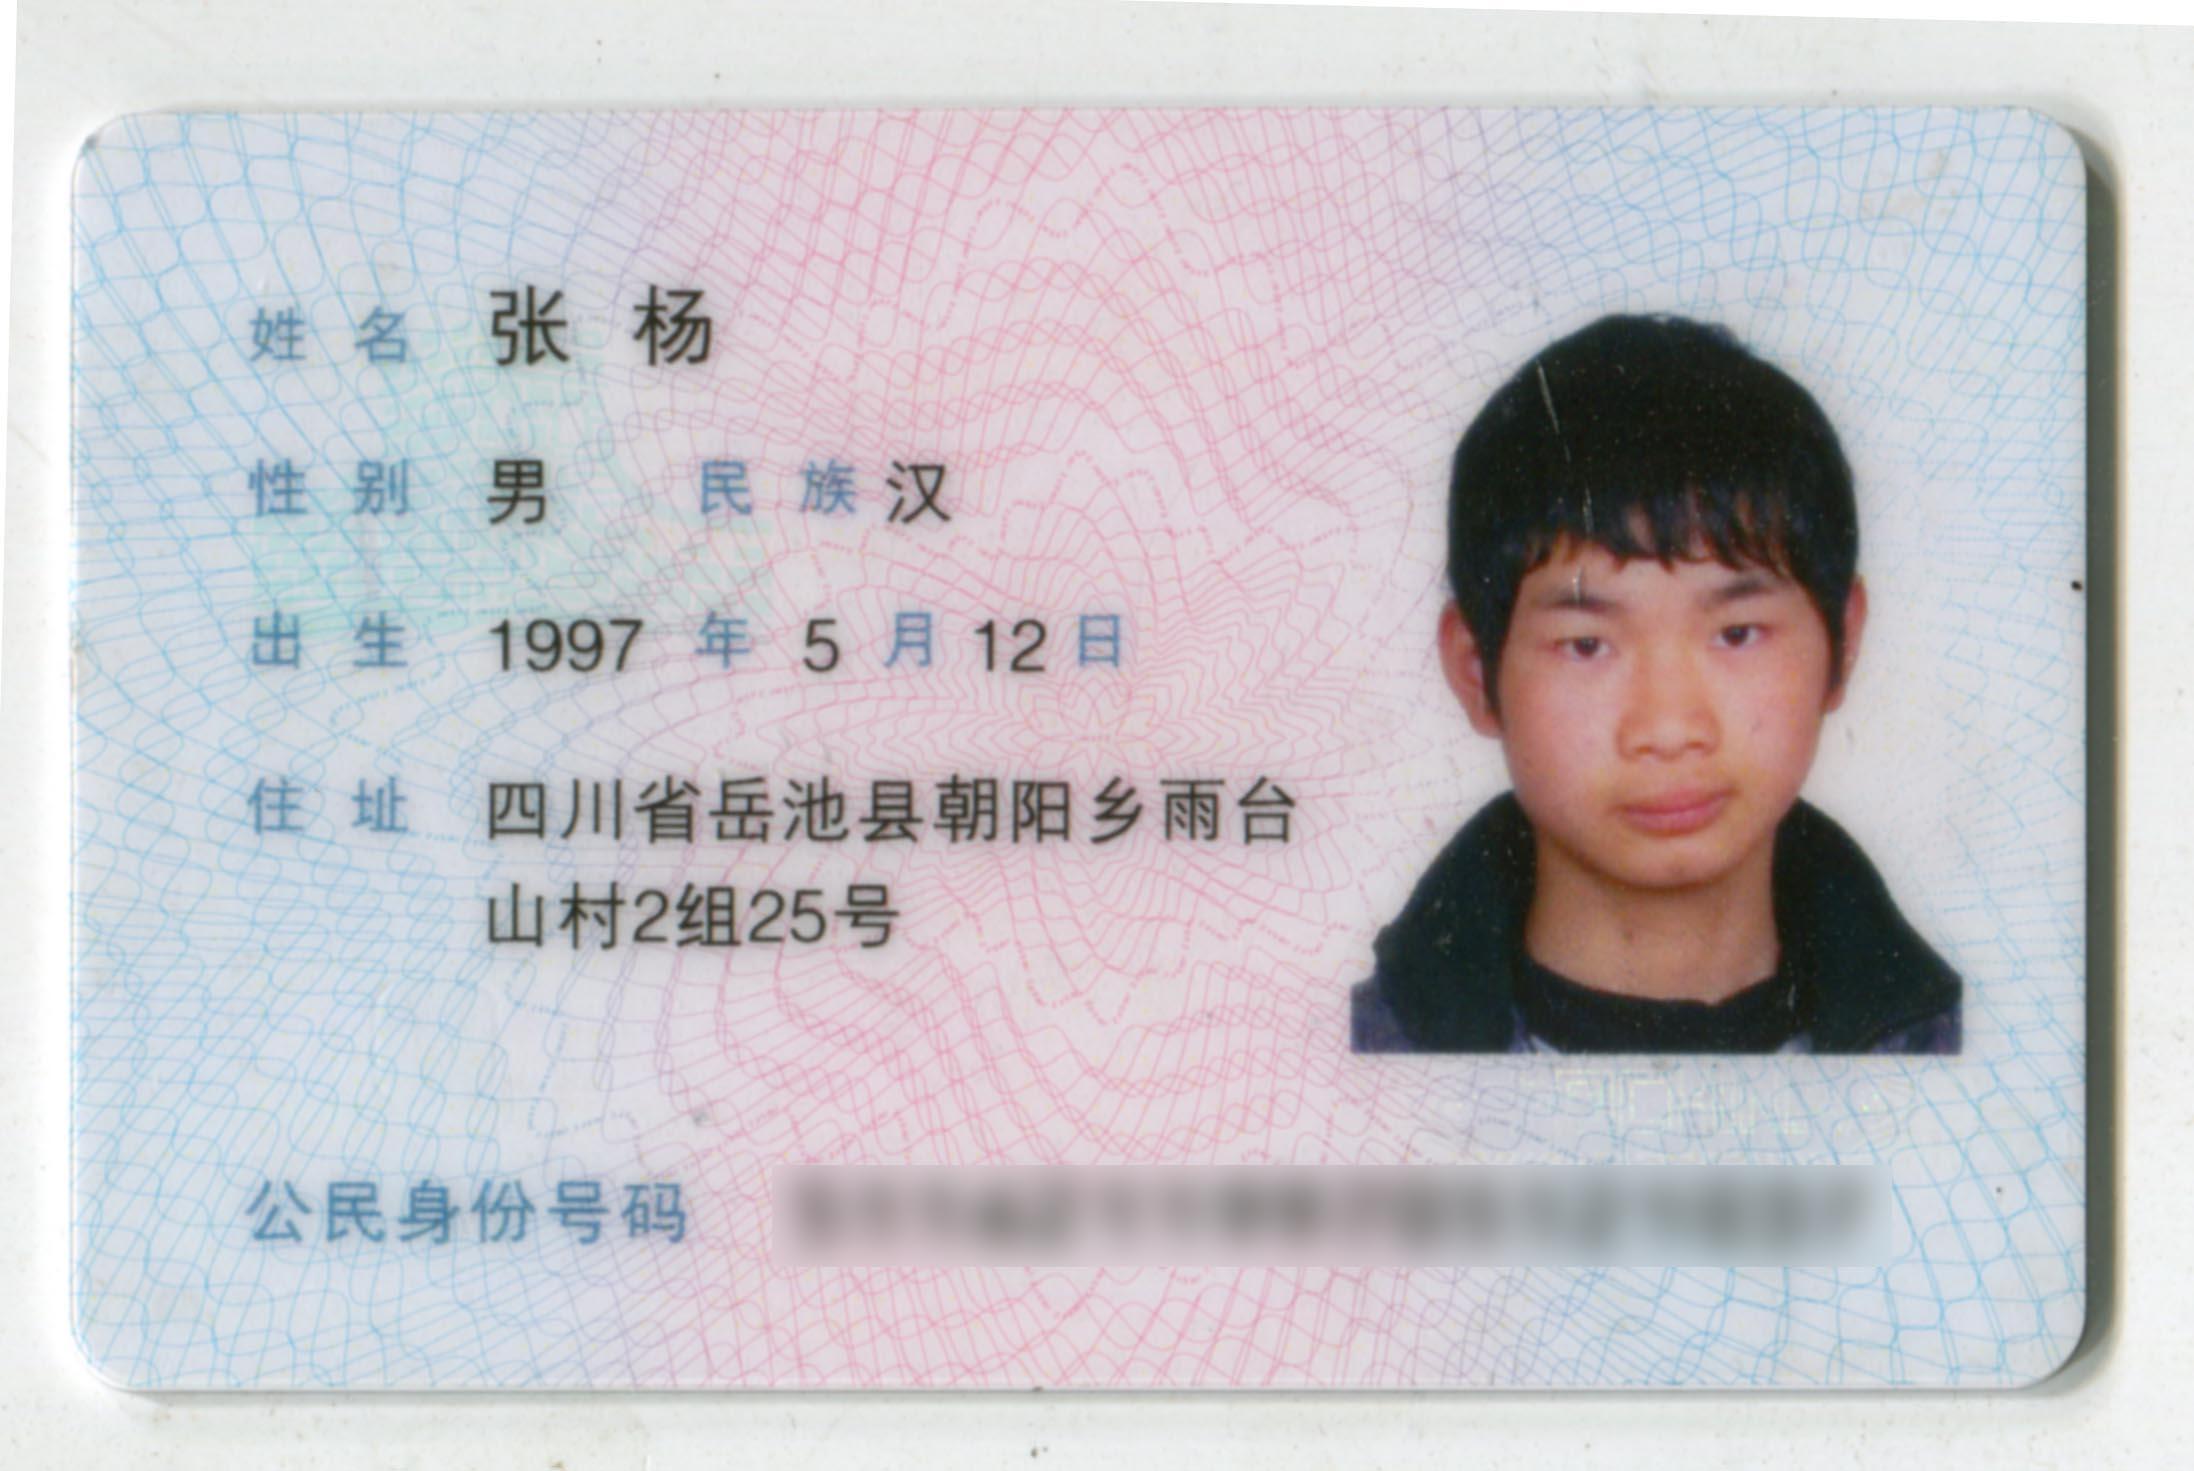 杨���$9i.y�)ycm_我是张天师108代弟子 张杨